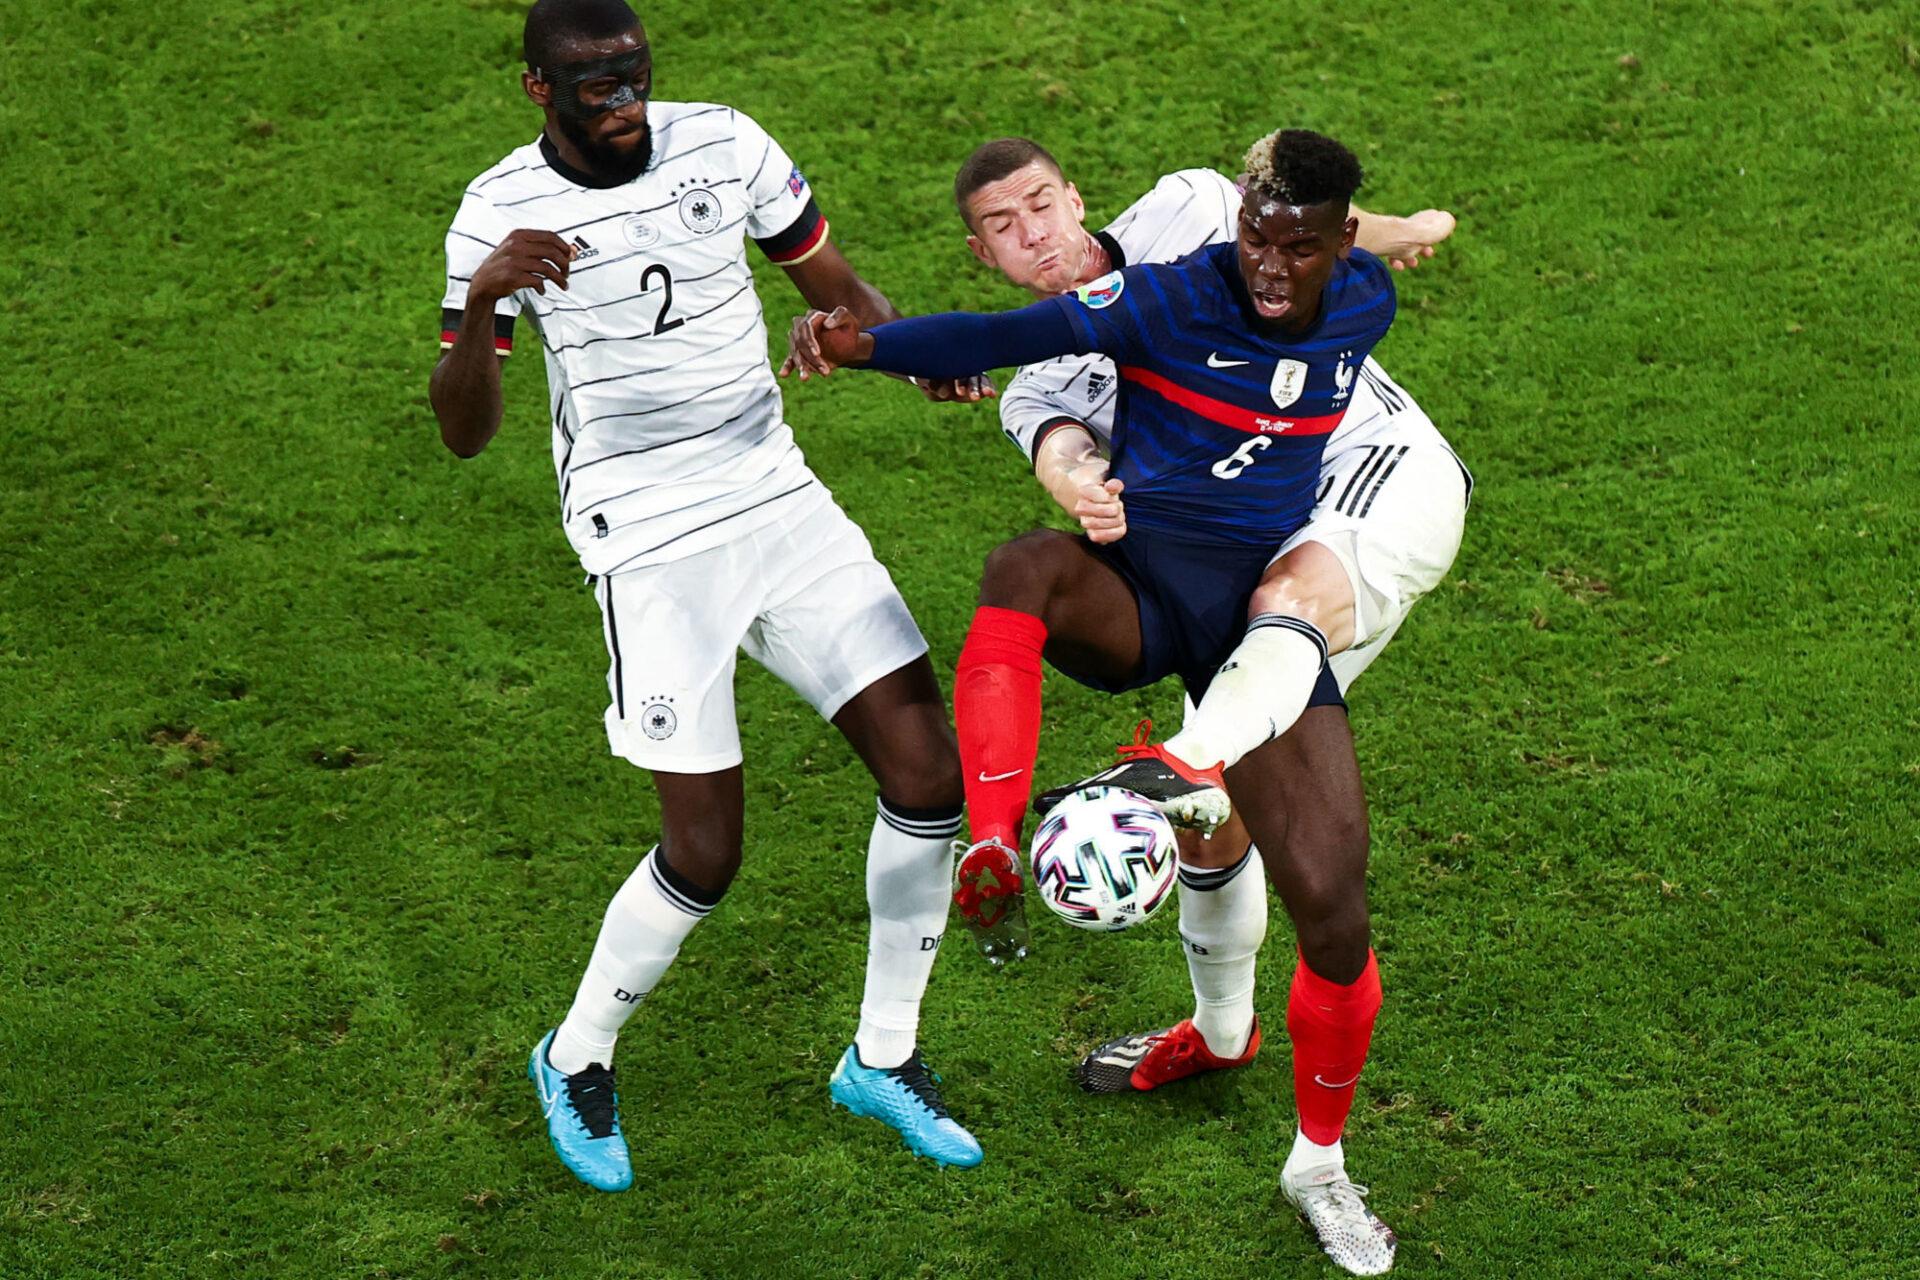 Paul Pogba a été lumineux dans l'utilisation du ballon et imprenable dans son travail défensif. Icon Sport